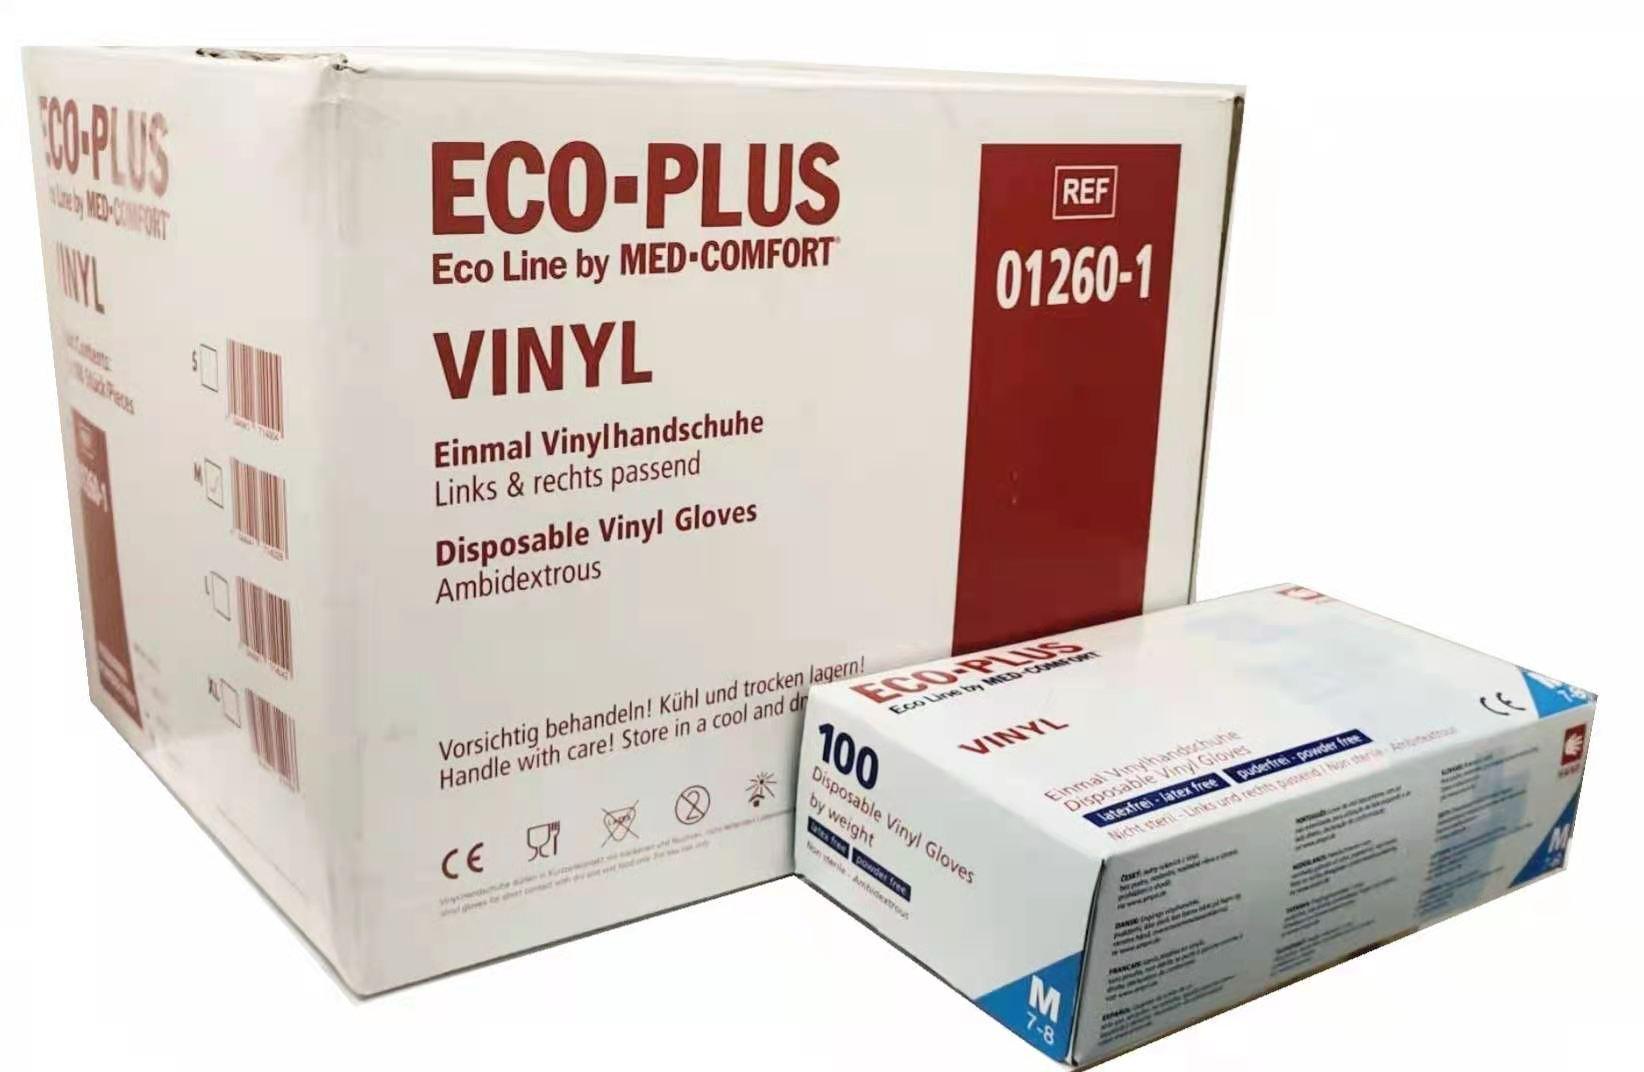 Vinyl Handschuhe Med-Comfort 1000 St.( 1 Karton, 10x100er)